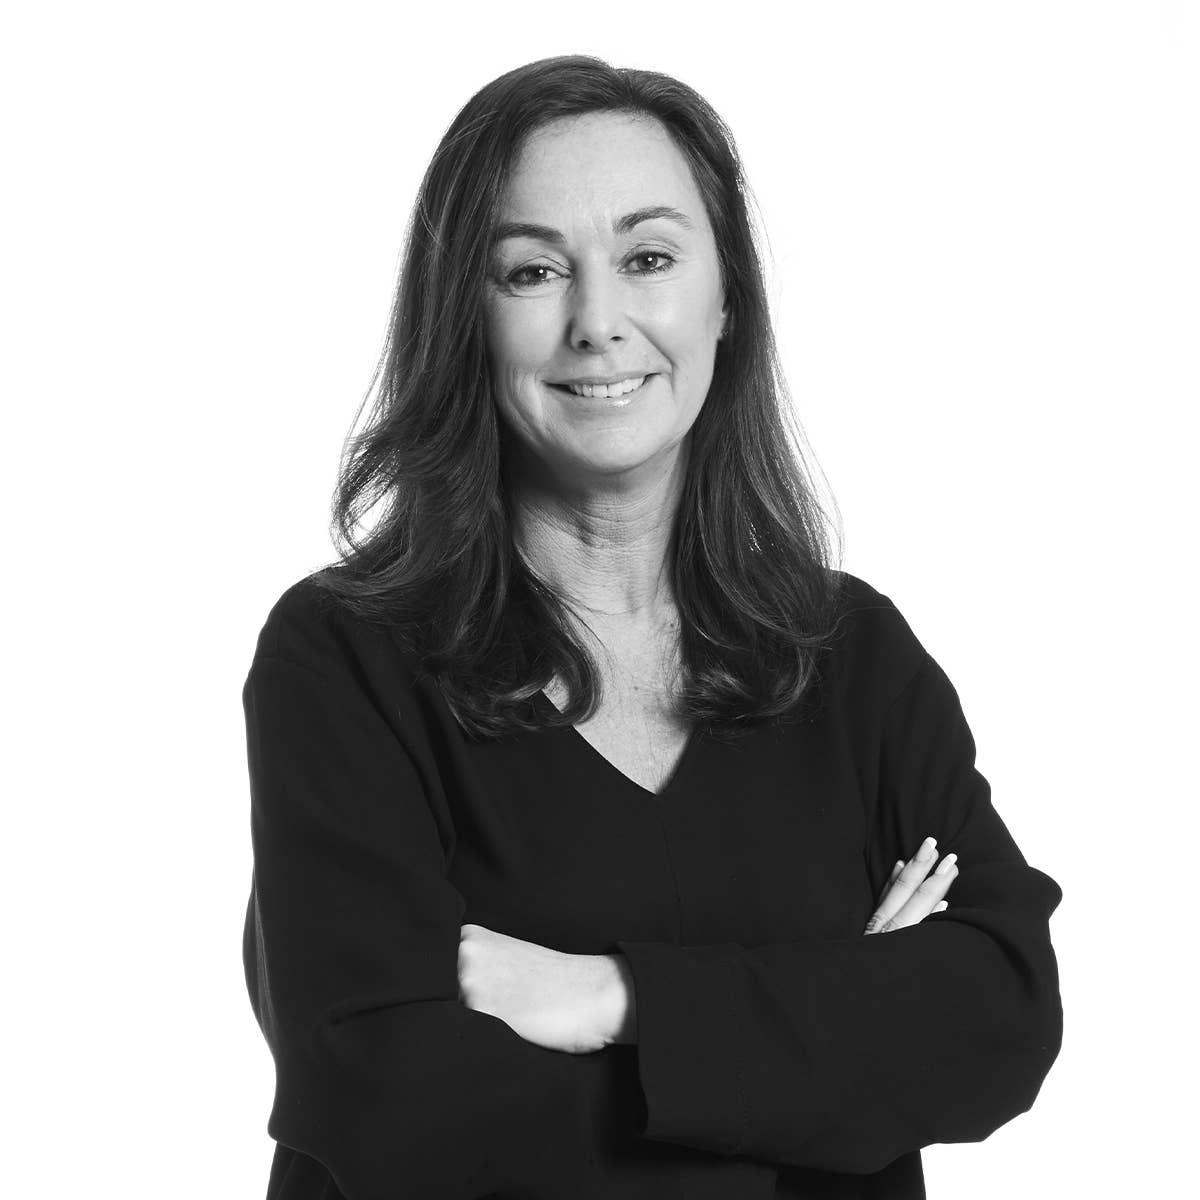 Madeleine Jarehov ny Managing Director för Carat Sverige